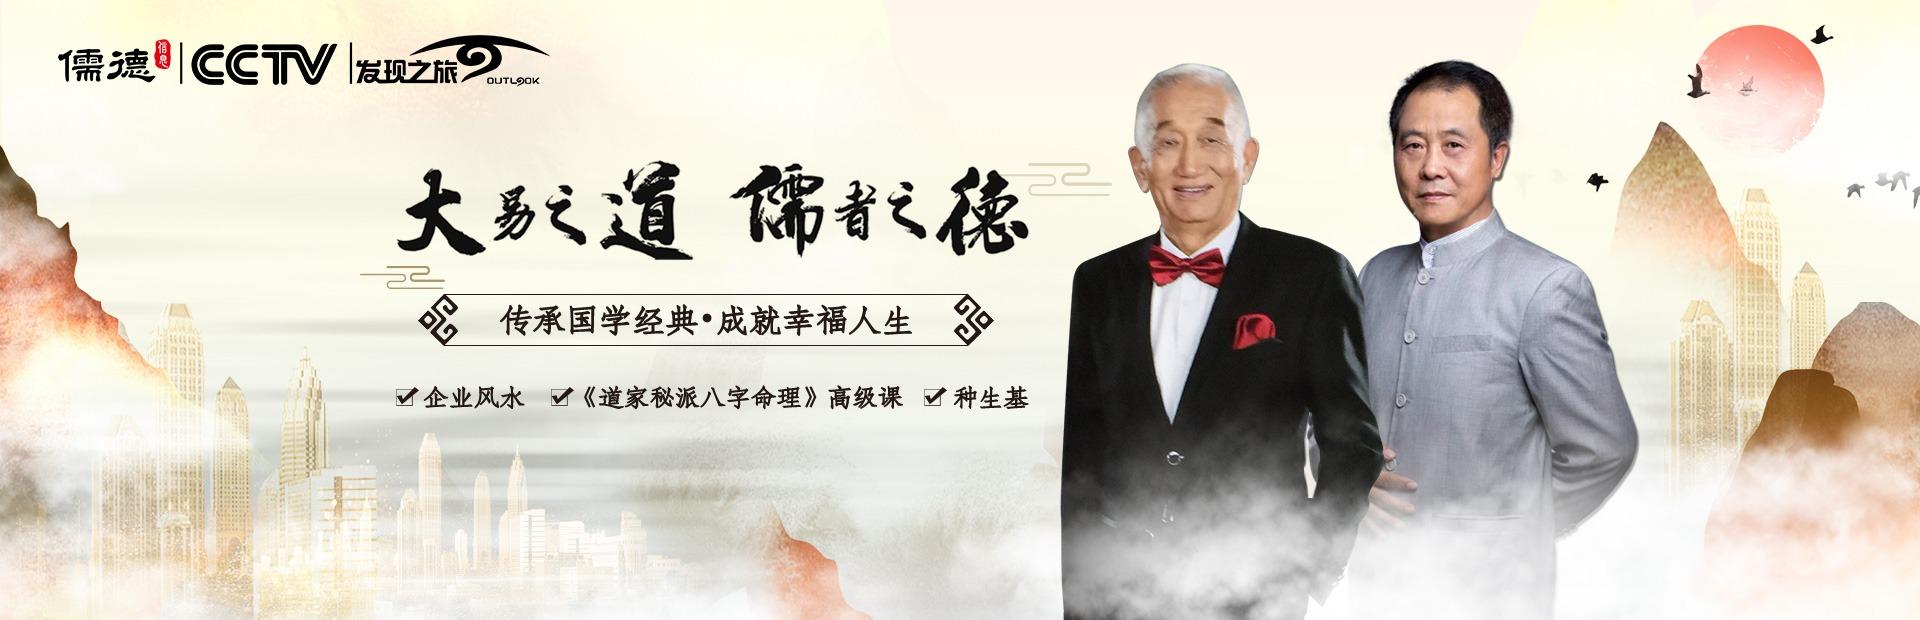 深圳市儒德信息科技有限公司